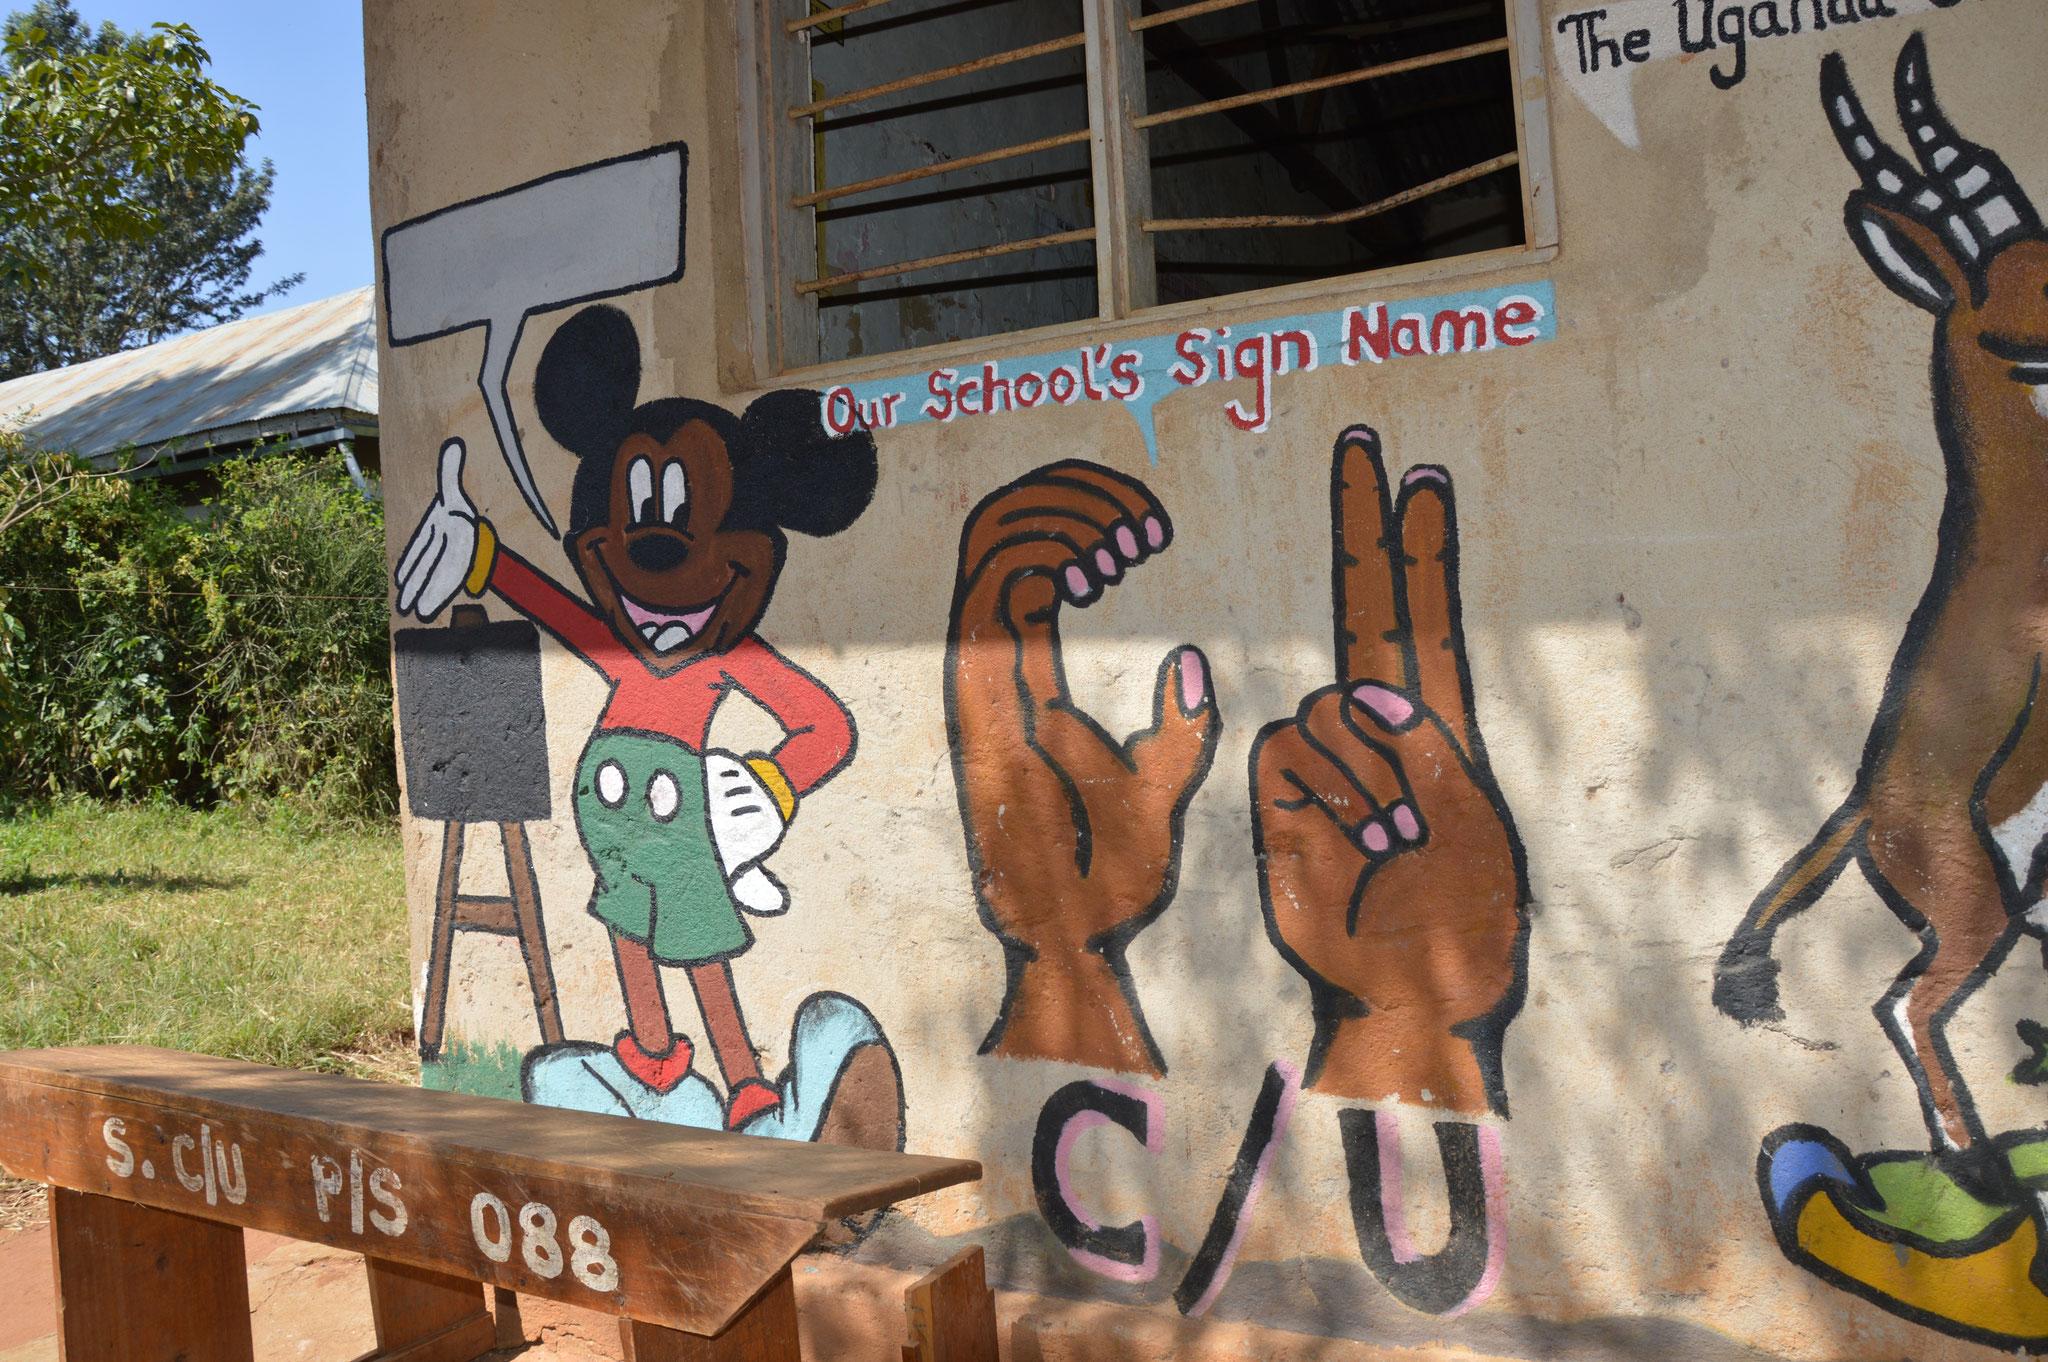 C/U = Church of Uganda (Kirche von Uganda) der Konstenträger der Schule